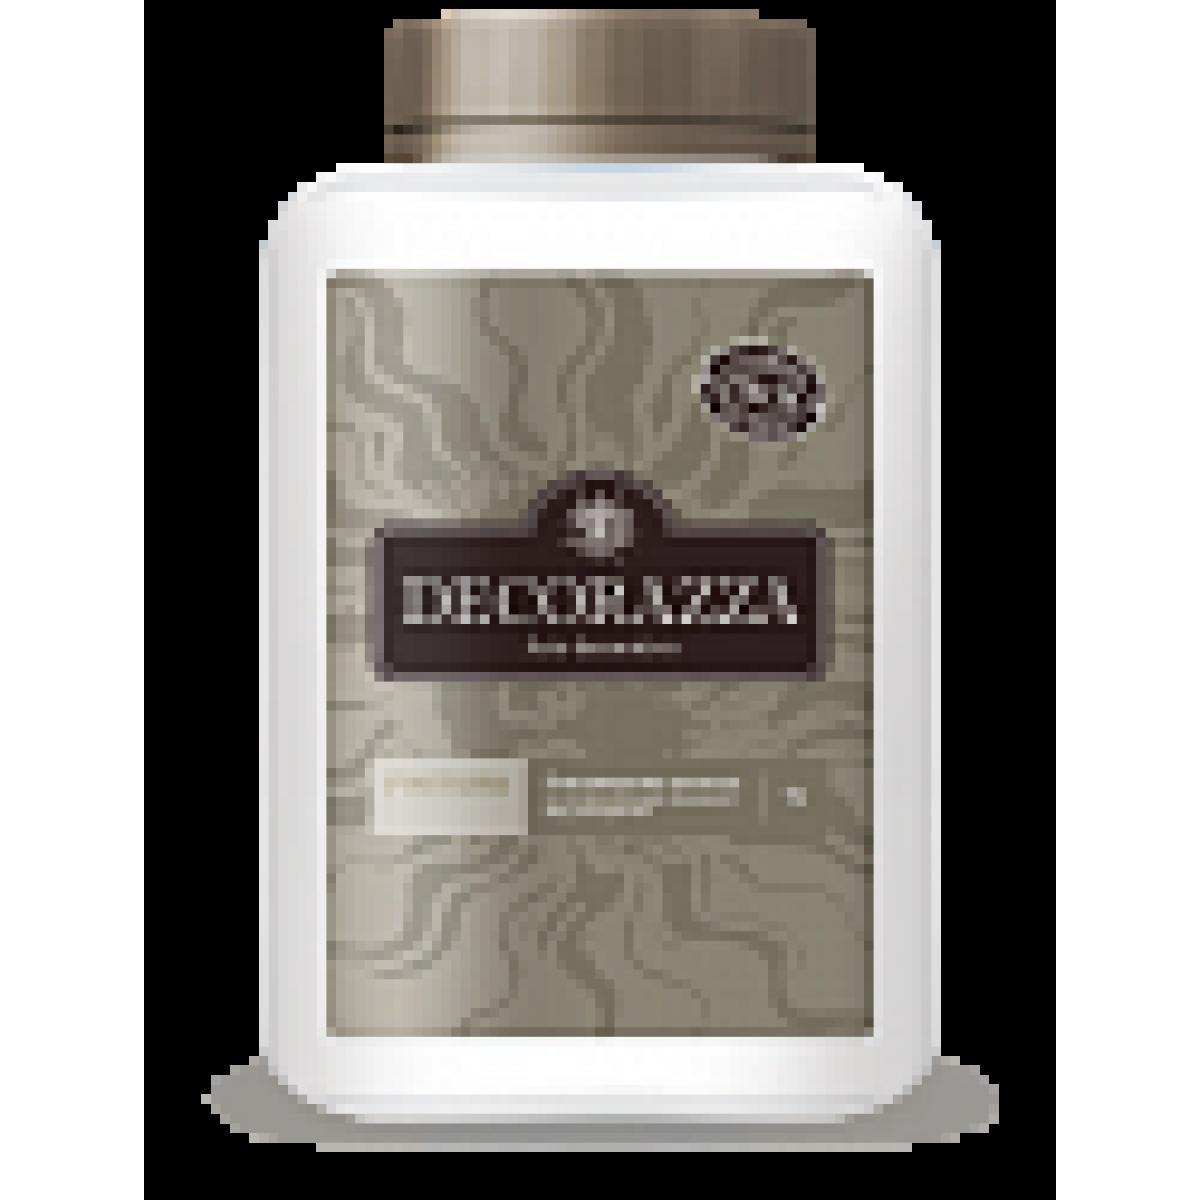 Decorazza Finitura - Влагозащитная пропитка, не изменяющая внешний вид покрытия